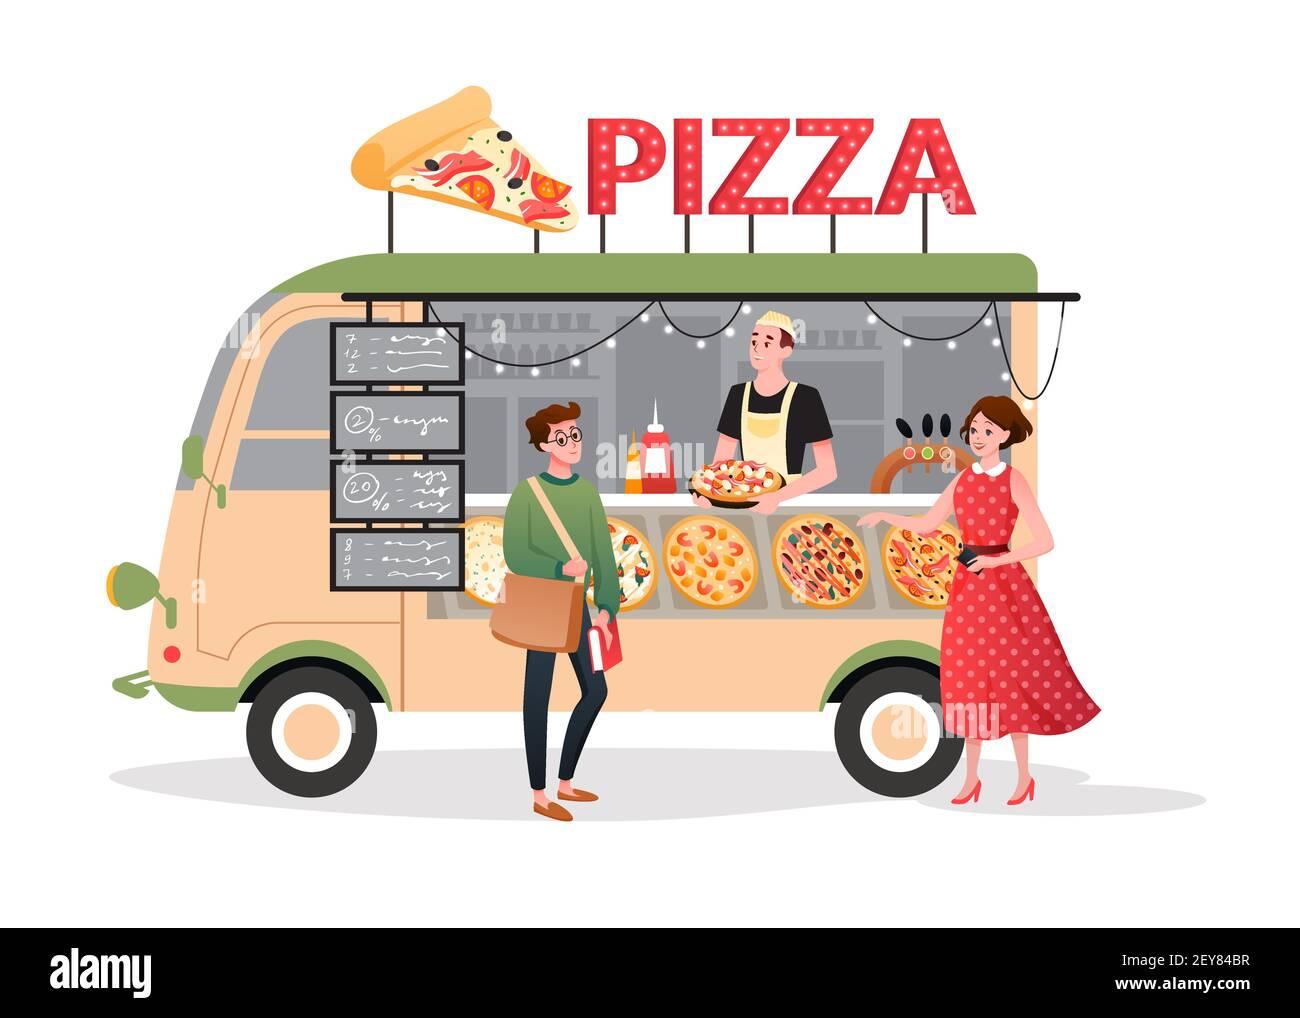 Pizza street market food truck, mini pizzeria restaurant mobile shop in van bus foodtruck Stock Vector